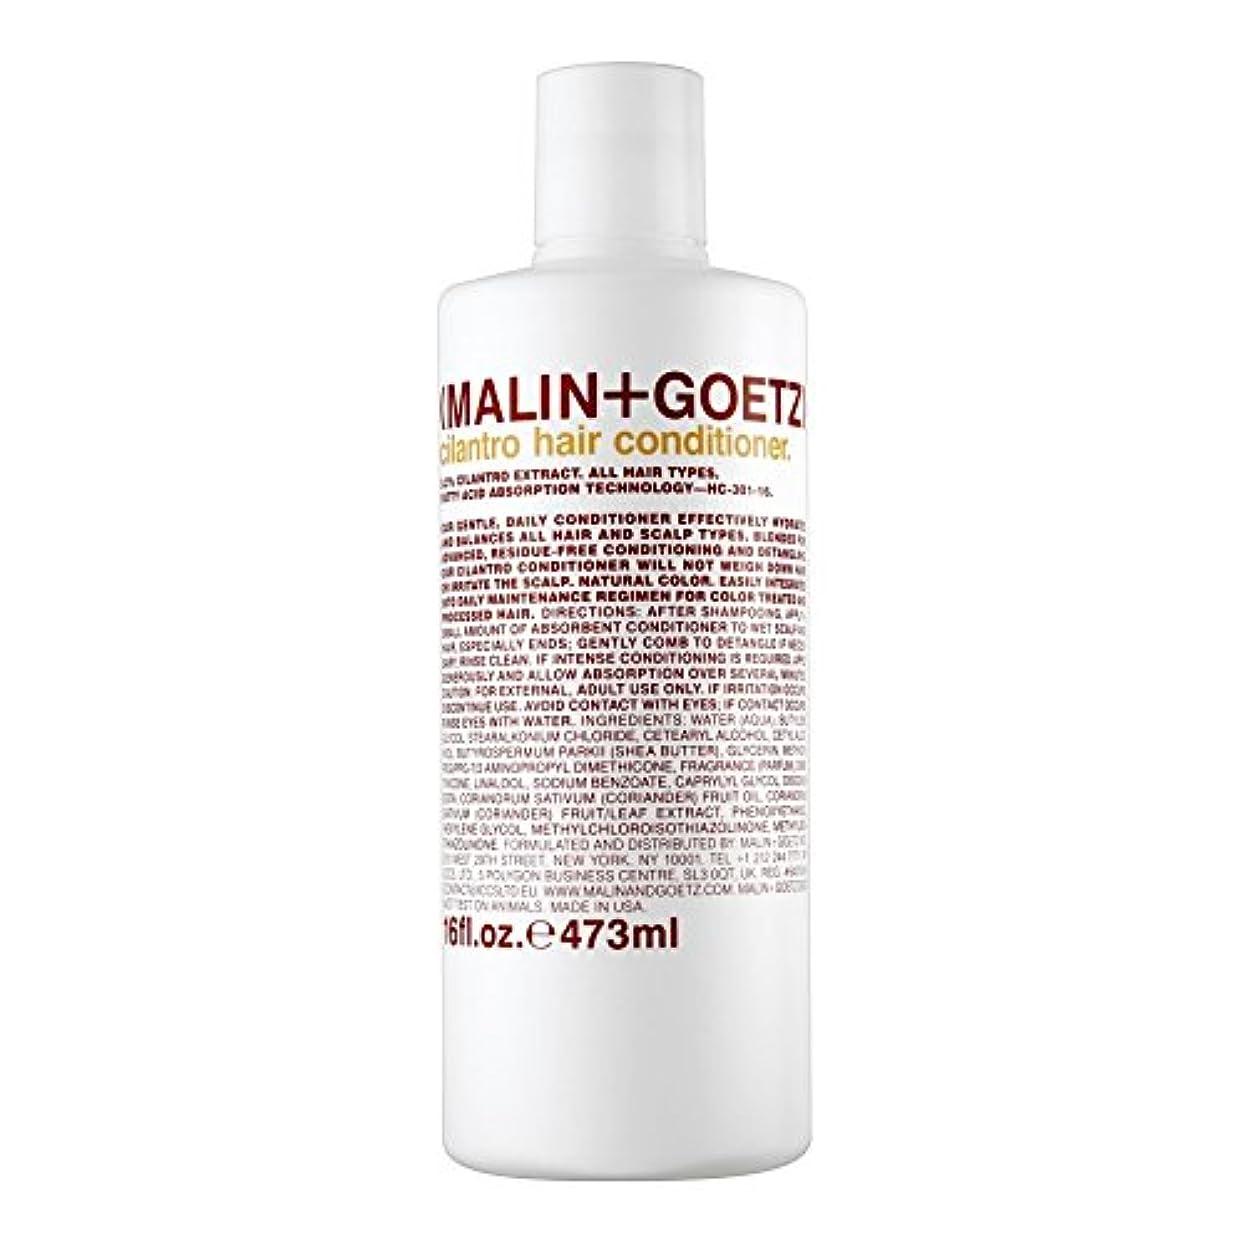 ジャーナリスト評決スリーブMALIN+GOETZ Cilantro Hair Conditioner 473ml (Pack of 6) - マリン+ゲッツコリアンダーのヘアコンディショナー473ミリリットル x6 [並行輸入品]